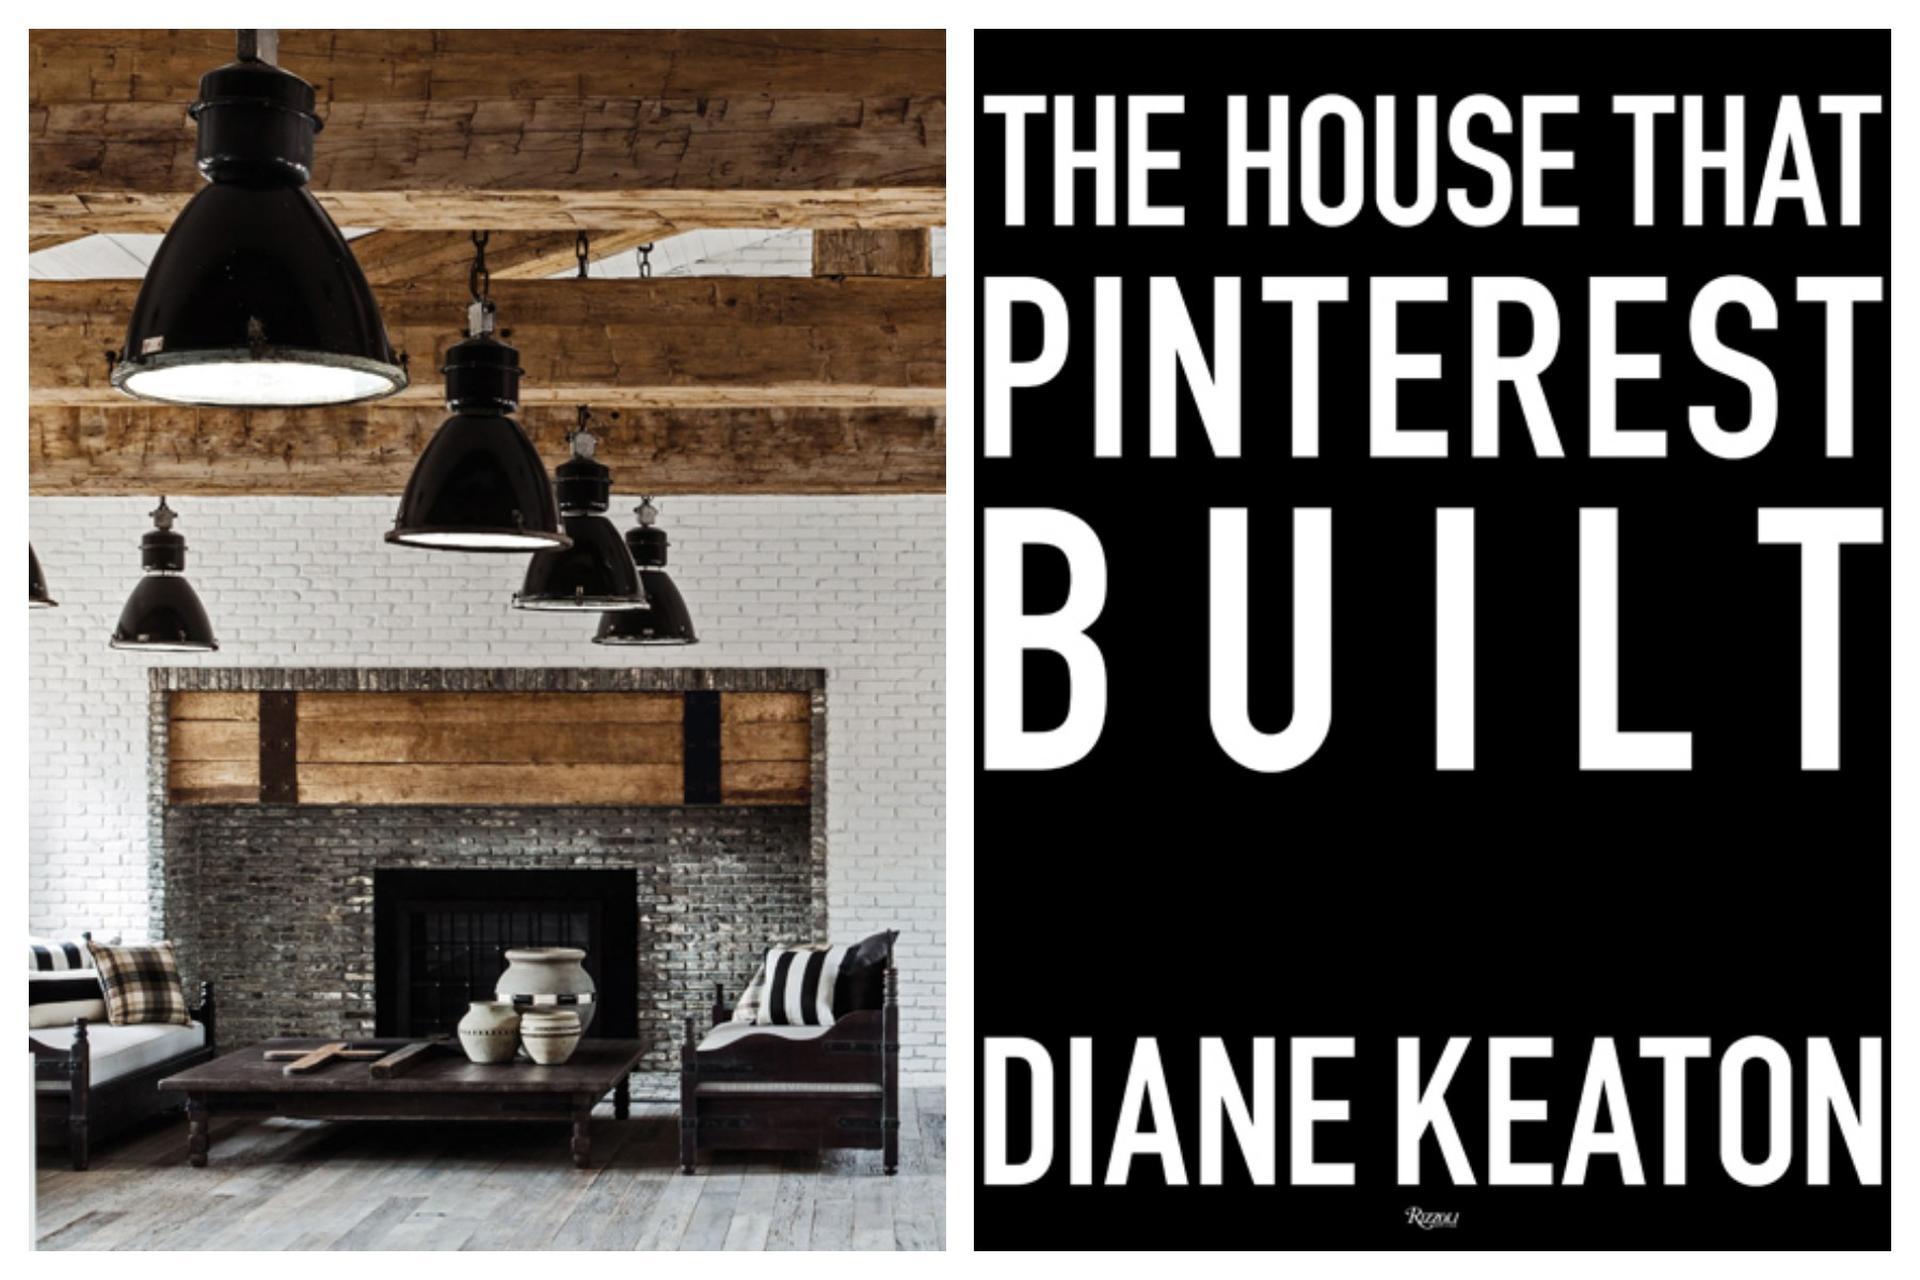 ביתה של דיאן קיטון ושער הספר 'הבית שפינטרסט בנה'. צילום: הוצאת Rizzoli